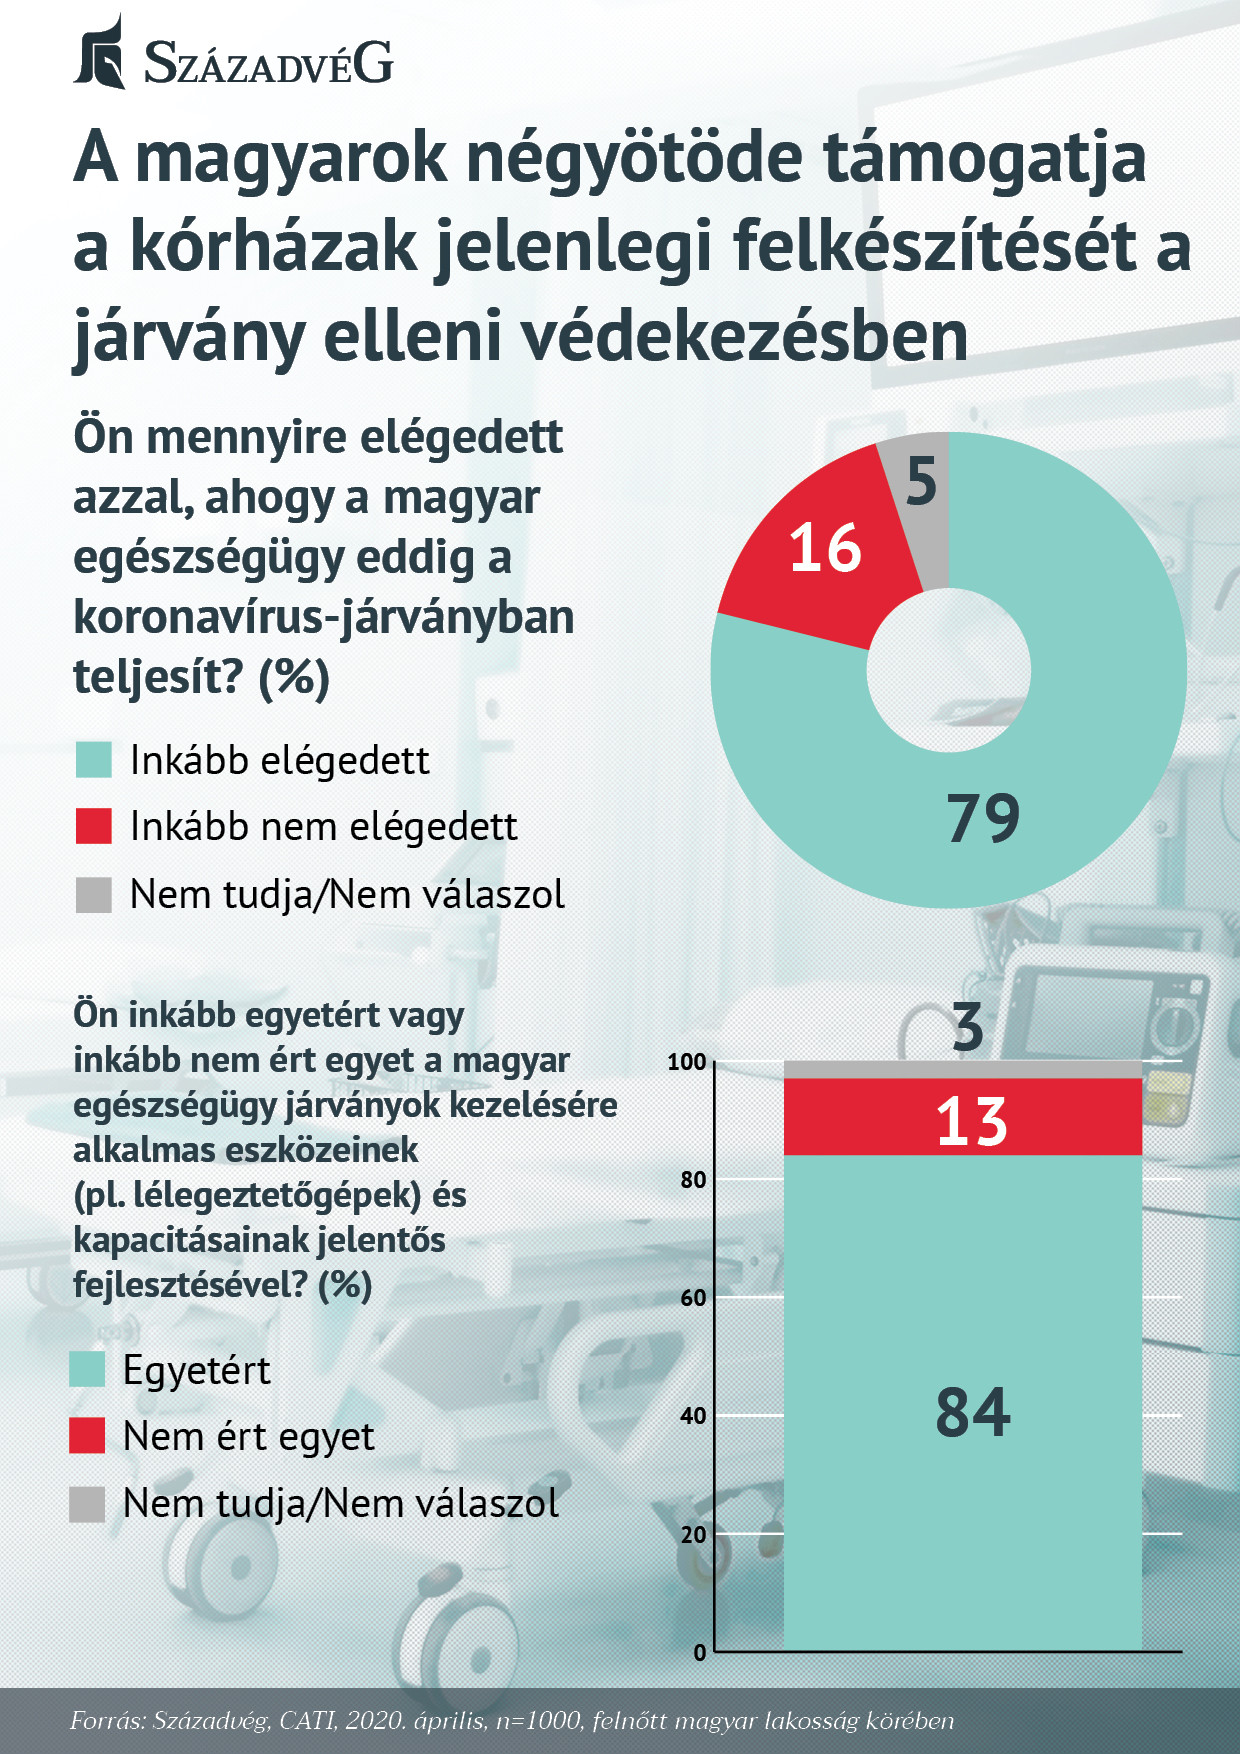 A magyarok négyötöde támogatja a kórházak jelenlegi felkészítését a járvány elleni védekezésben